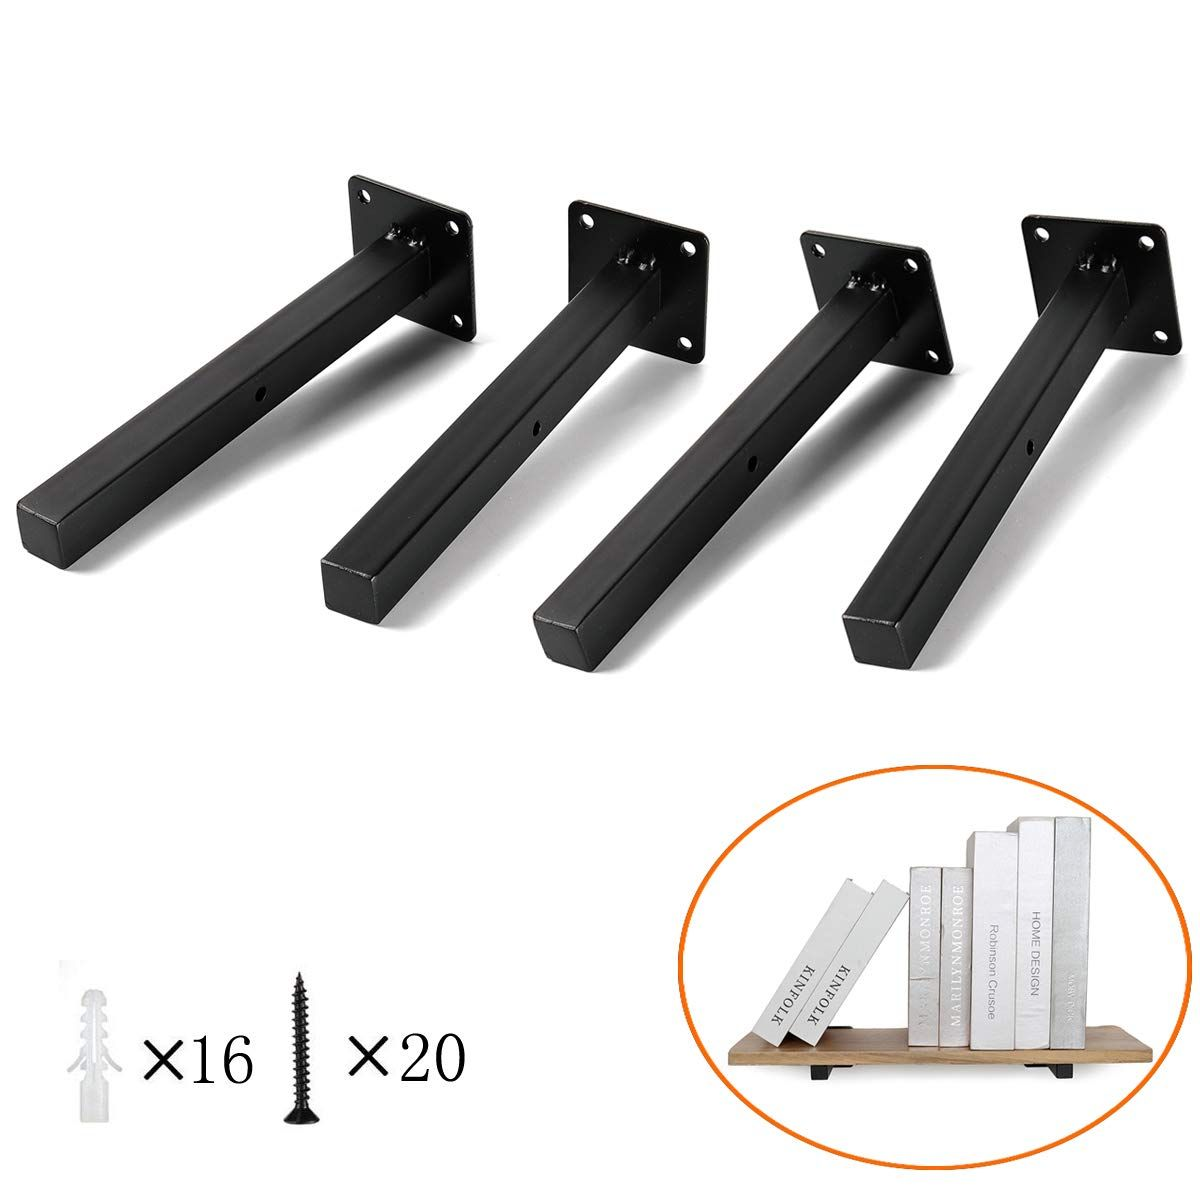 Heavy Duty Floating Shelf Brackets 8 Blind Industrial Metal Shelving Supports Wall Moun In 2020 Heavy Duty Floating Shelves Industrial Metal Shelving Metal Shelves